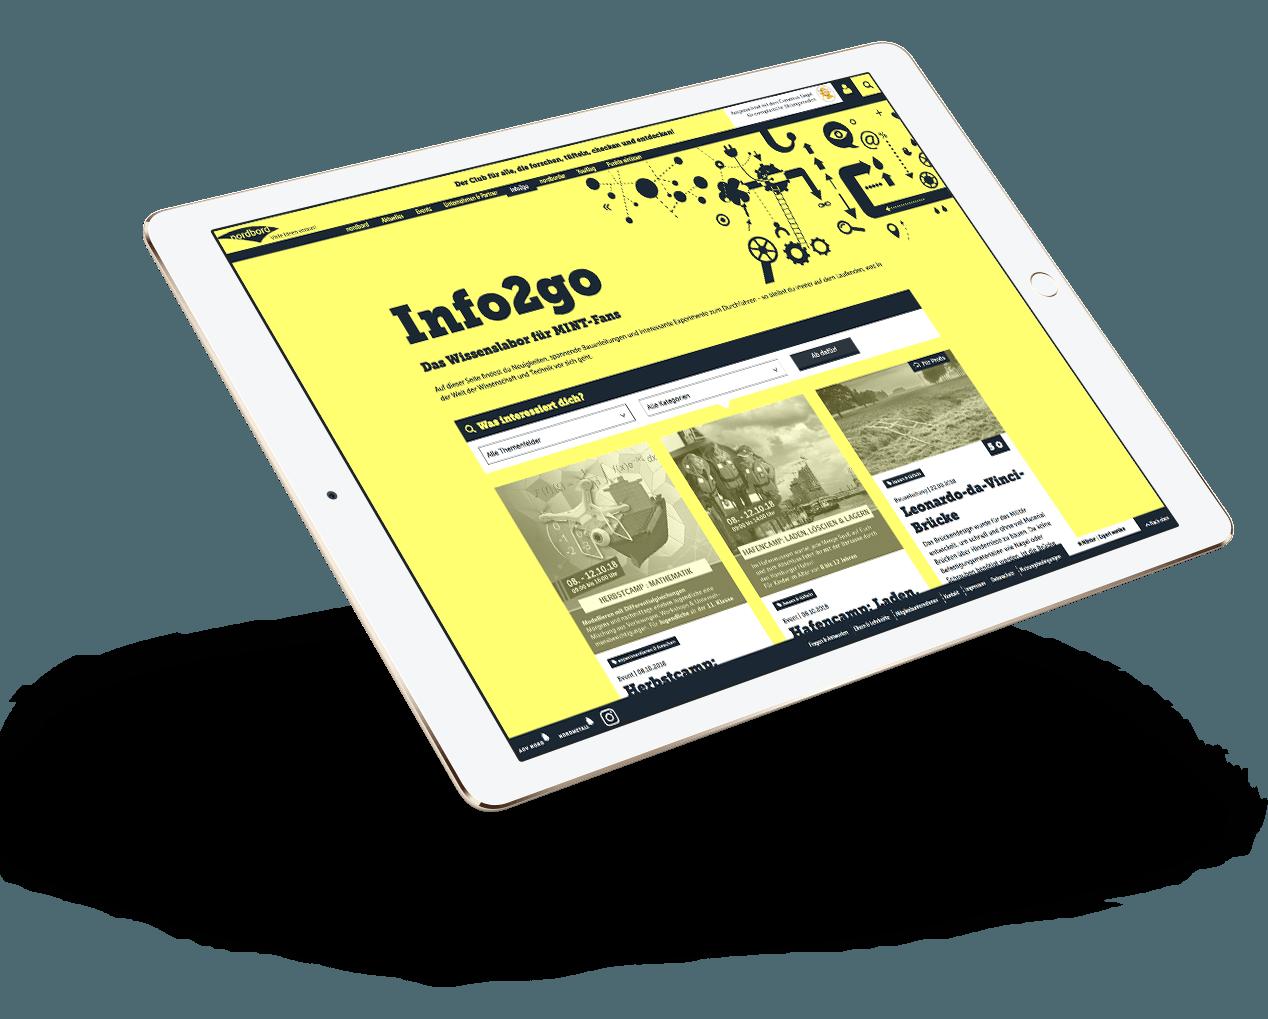 gosign-referenz-verbaende-und-vereine-nordboard-03